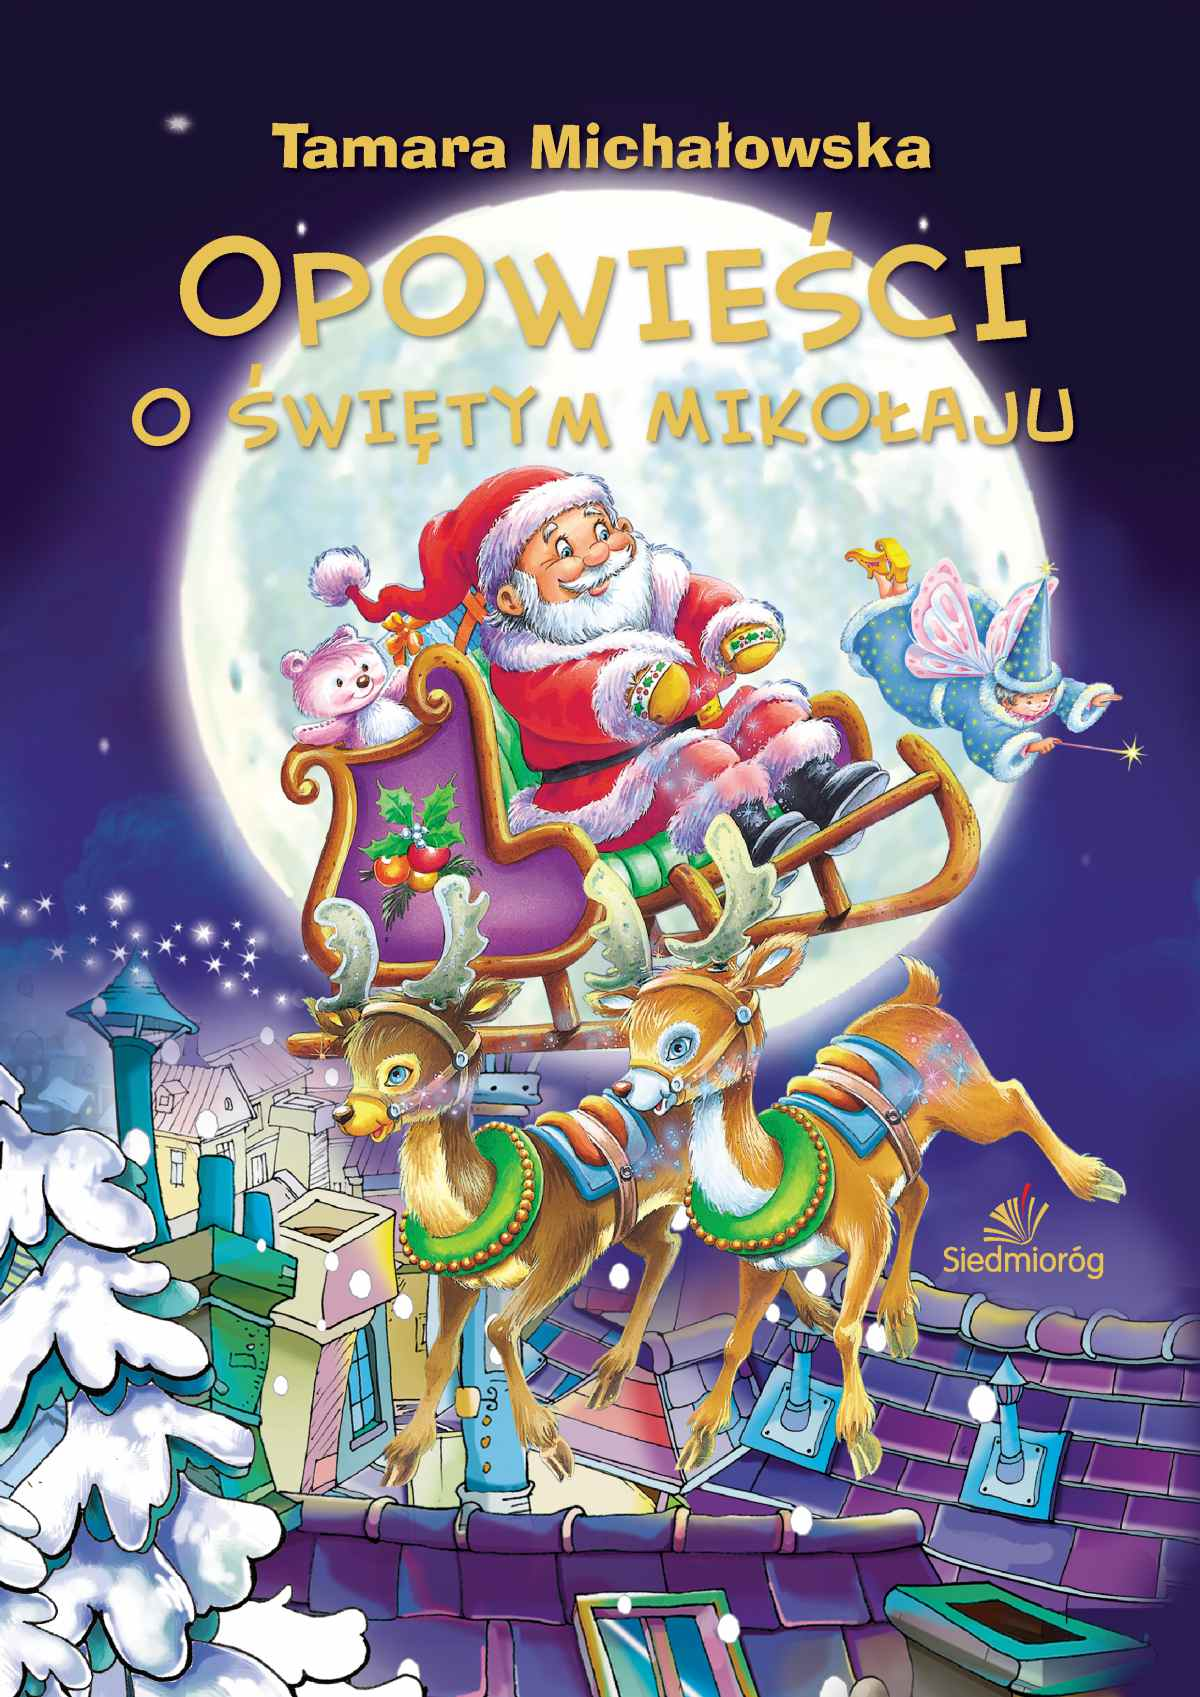 Opowieści o Świętym Mikołaju - Ebook (Książka EPUB) do pobrania w formacie EPUB